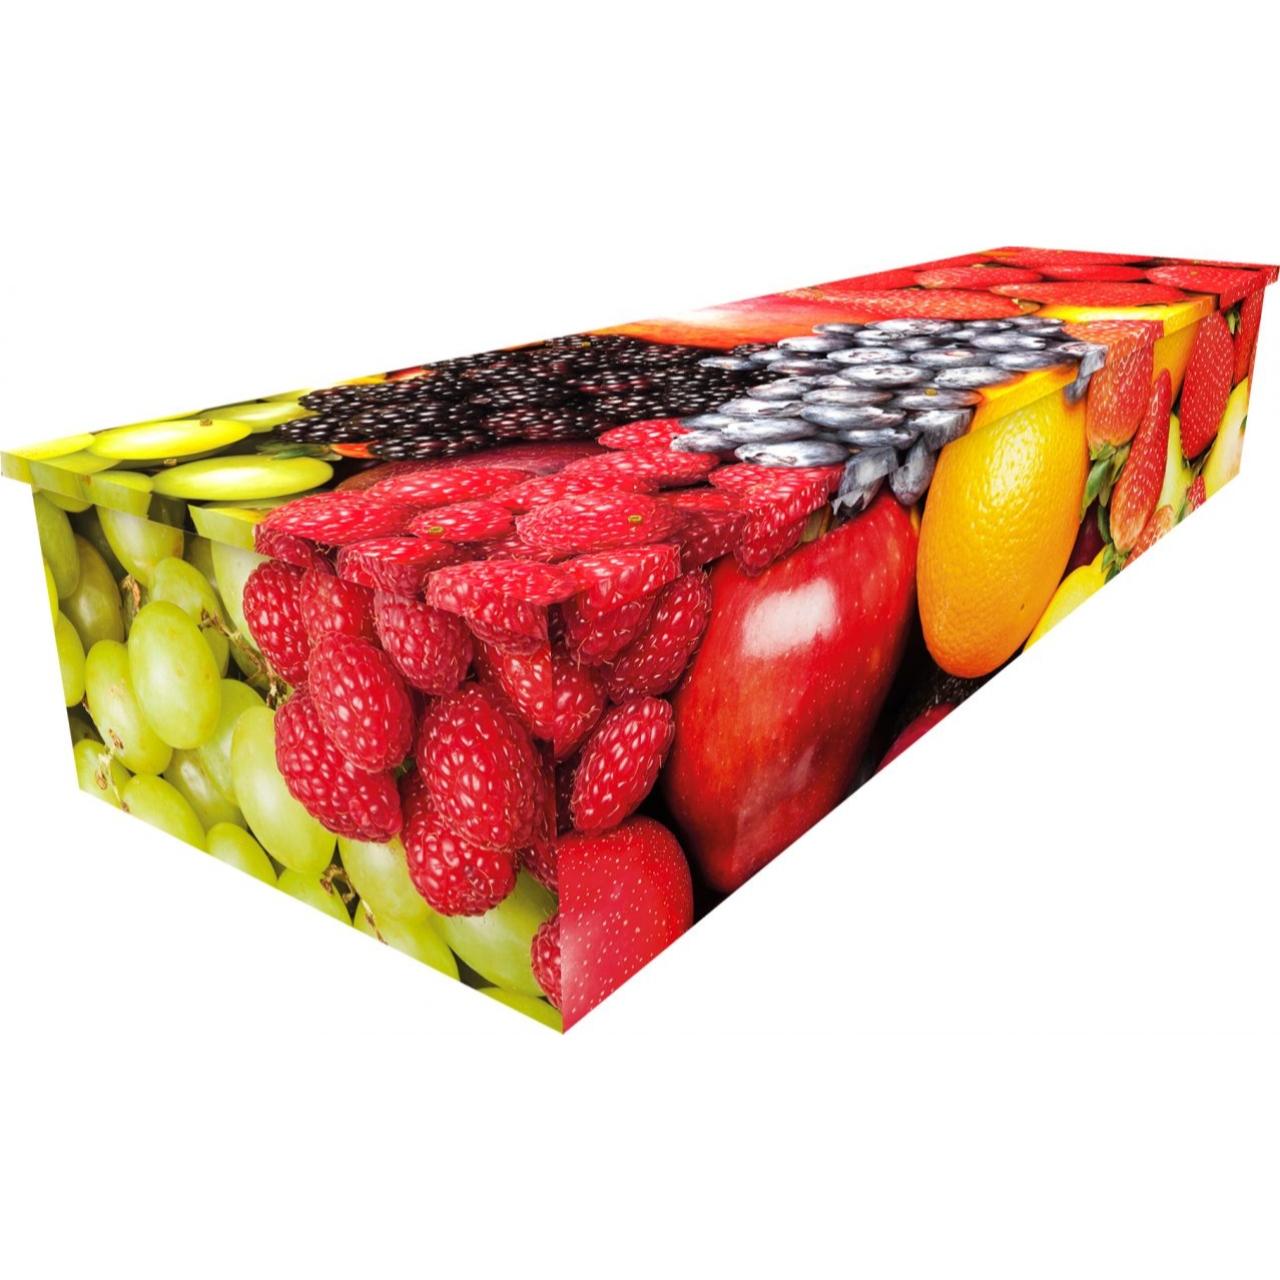 Fruit Cardboard Coffin